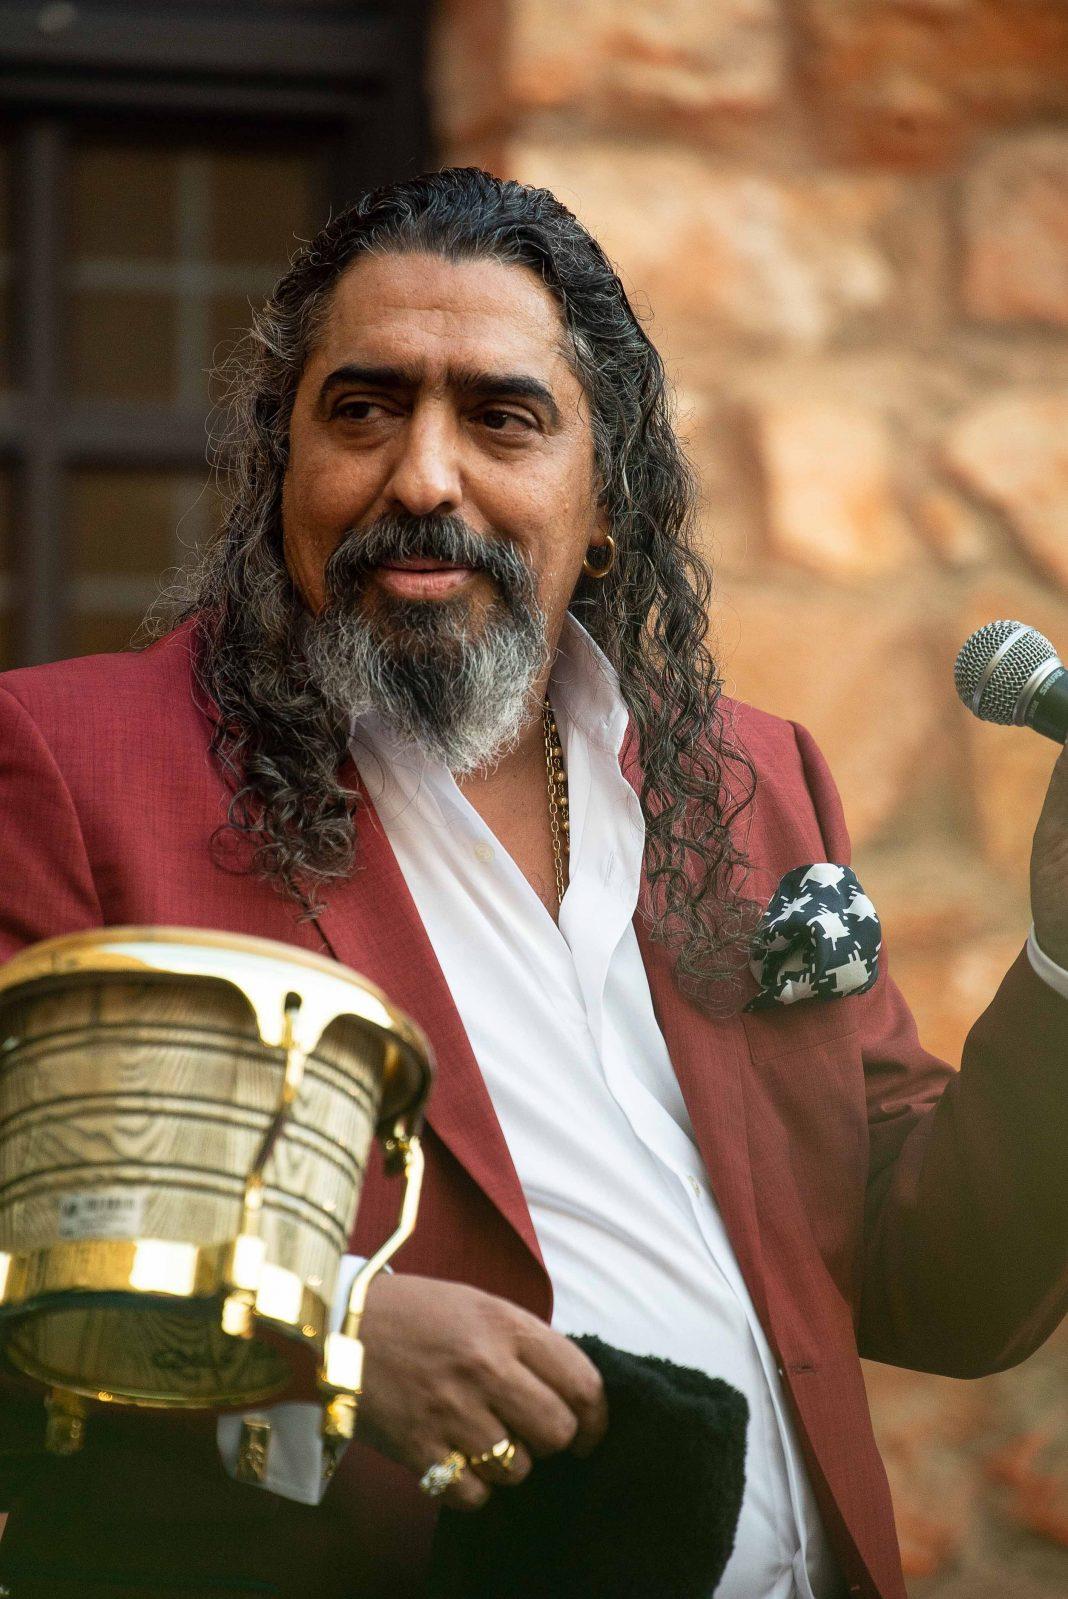 Diego El Cigala malos tratos